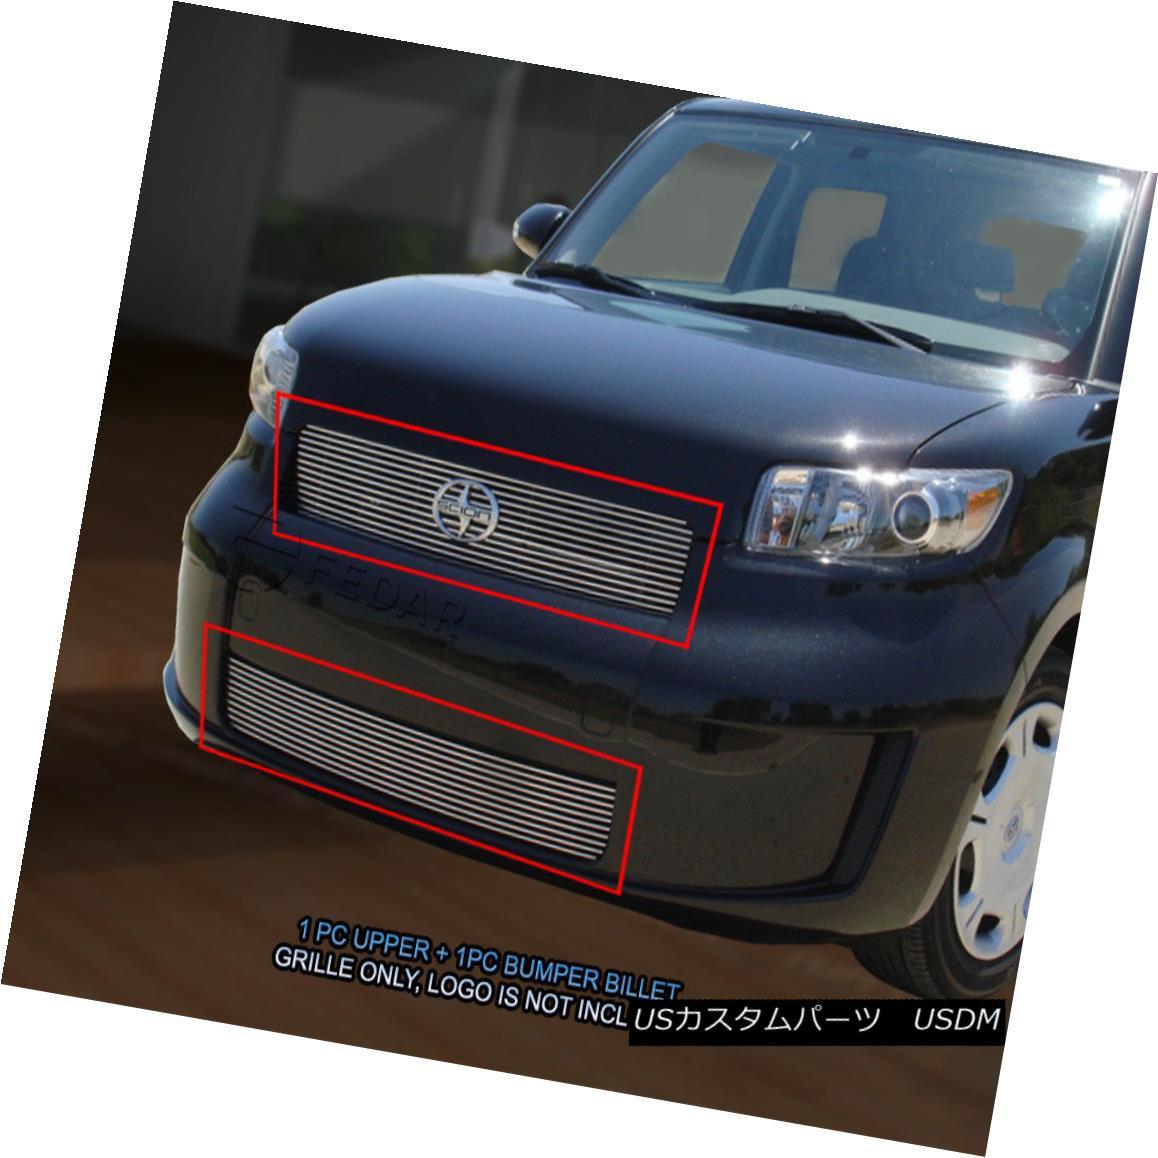 グリル Fedar Fits 2008-2010 Scion XB Polished Billet Grille Combo Fedar Fitting 2008-2010 Scion XBポリッシュビレットグリルコンボ